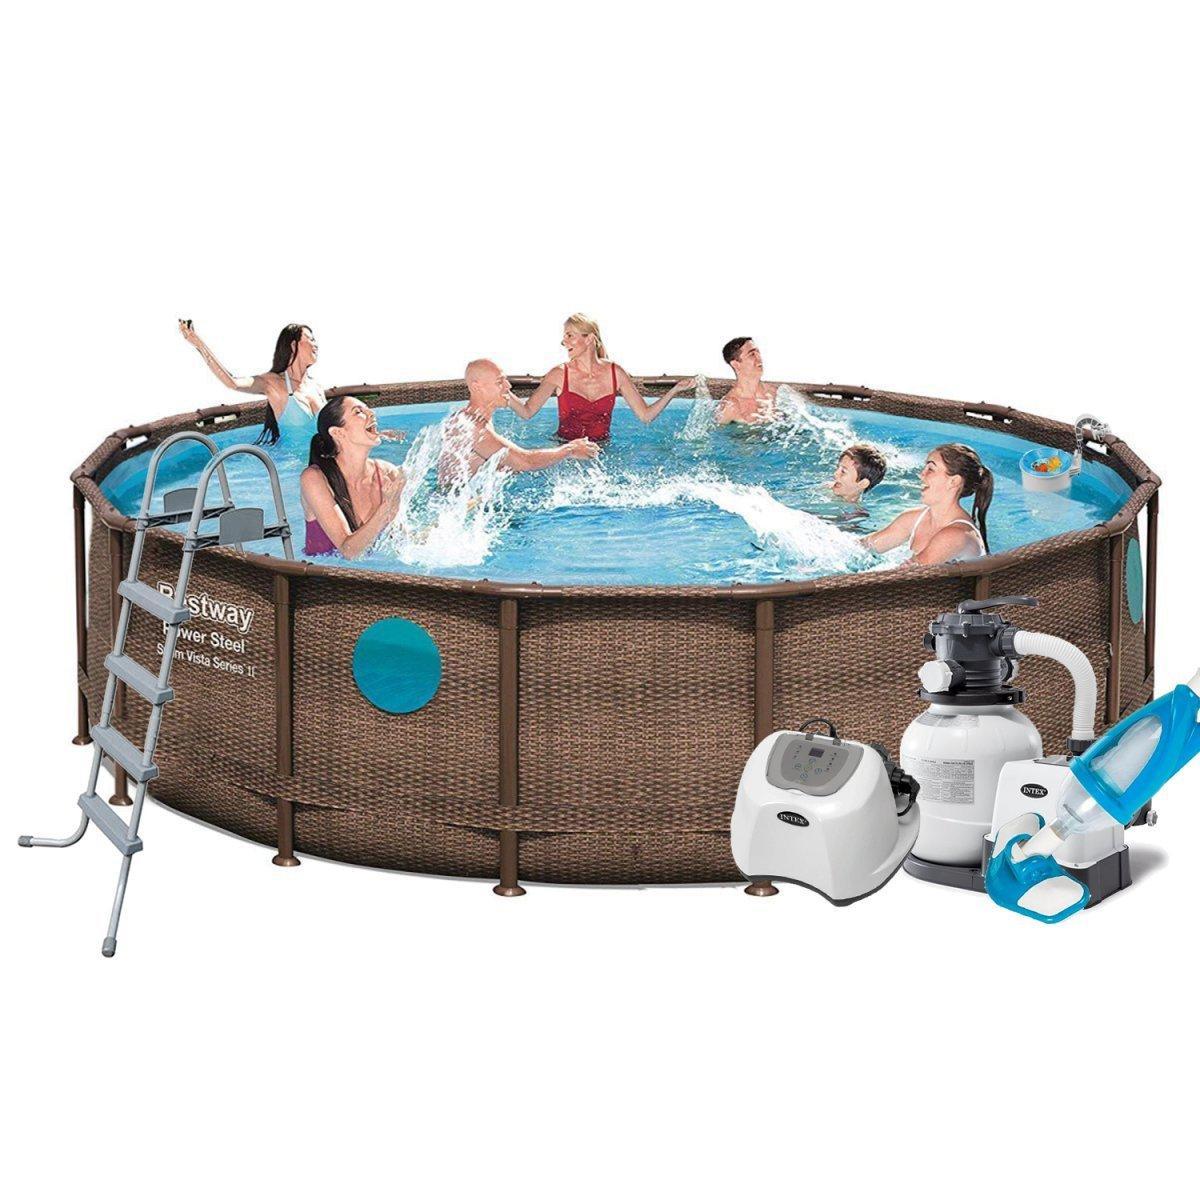 Каркасный бассейн Bestway 56725 - 11, 488 х 122 см (5 г/ч, 6 000 л/ч, дозатор, набор, лестница, тент, подстилка)